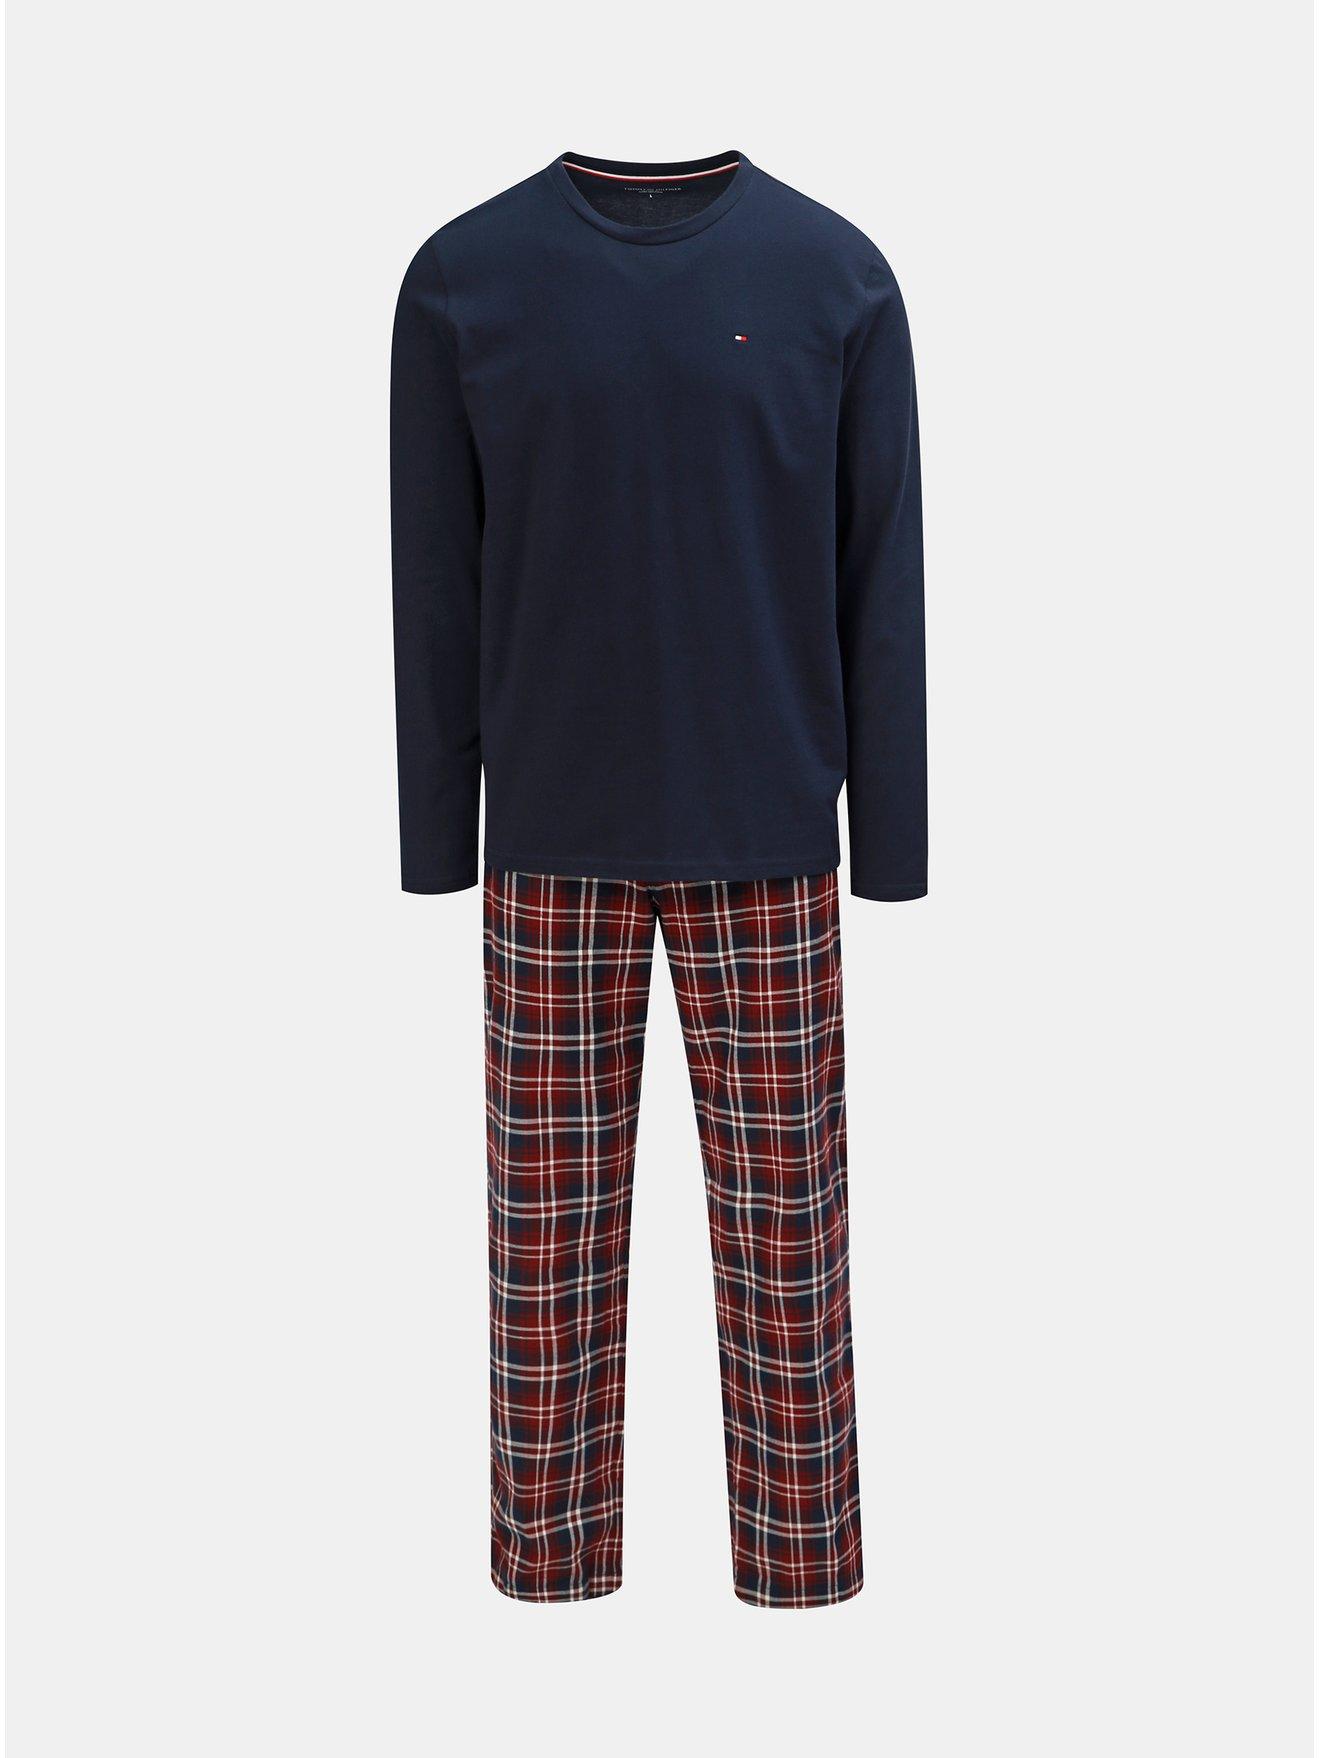 Fotografie Dvoudílné pánské pyžamo v tmavě modré a vínové barvě Tommy Hilfiger